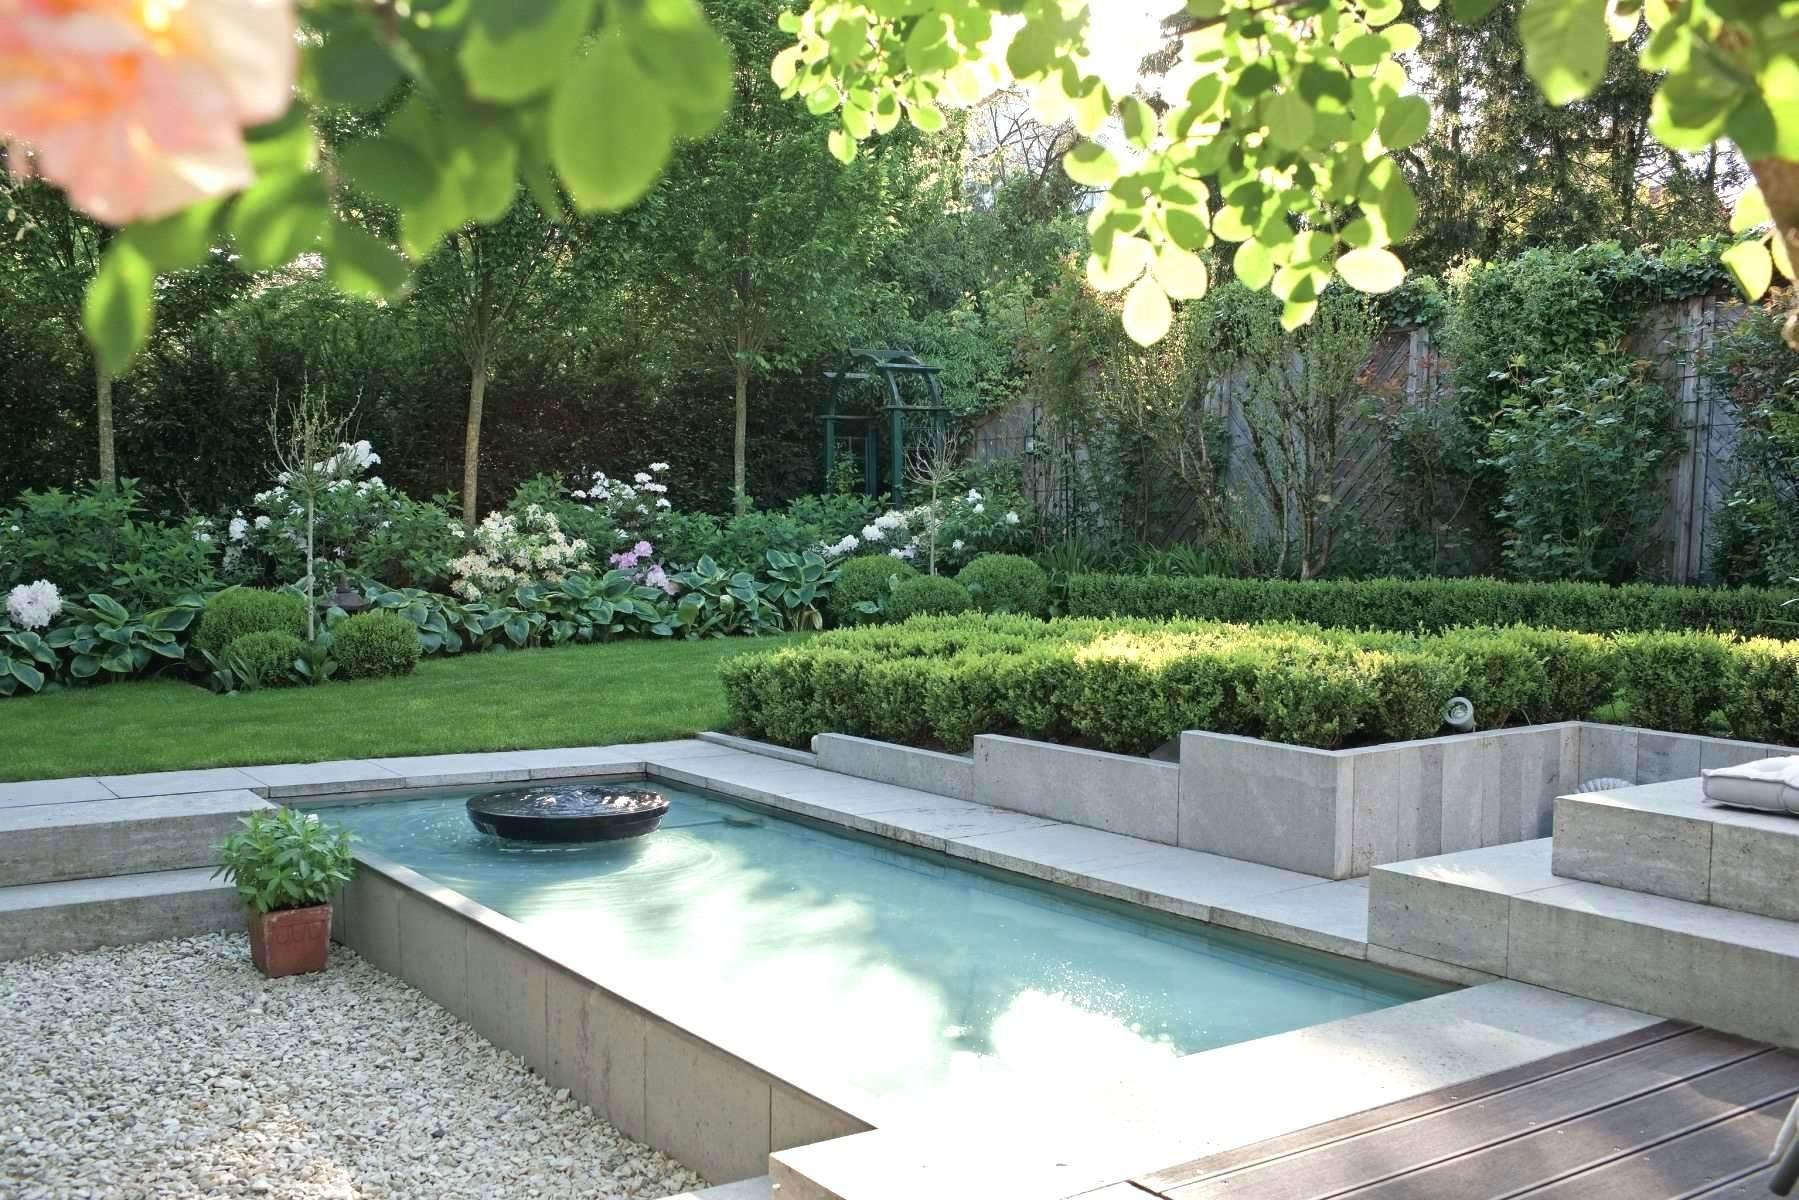 garten gestalten ideen das beste von garten gestalten ideen reizend formaler reihenhausgarten 0d of garten gestalten ideen